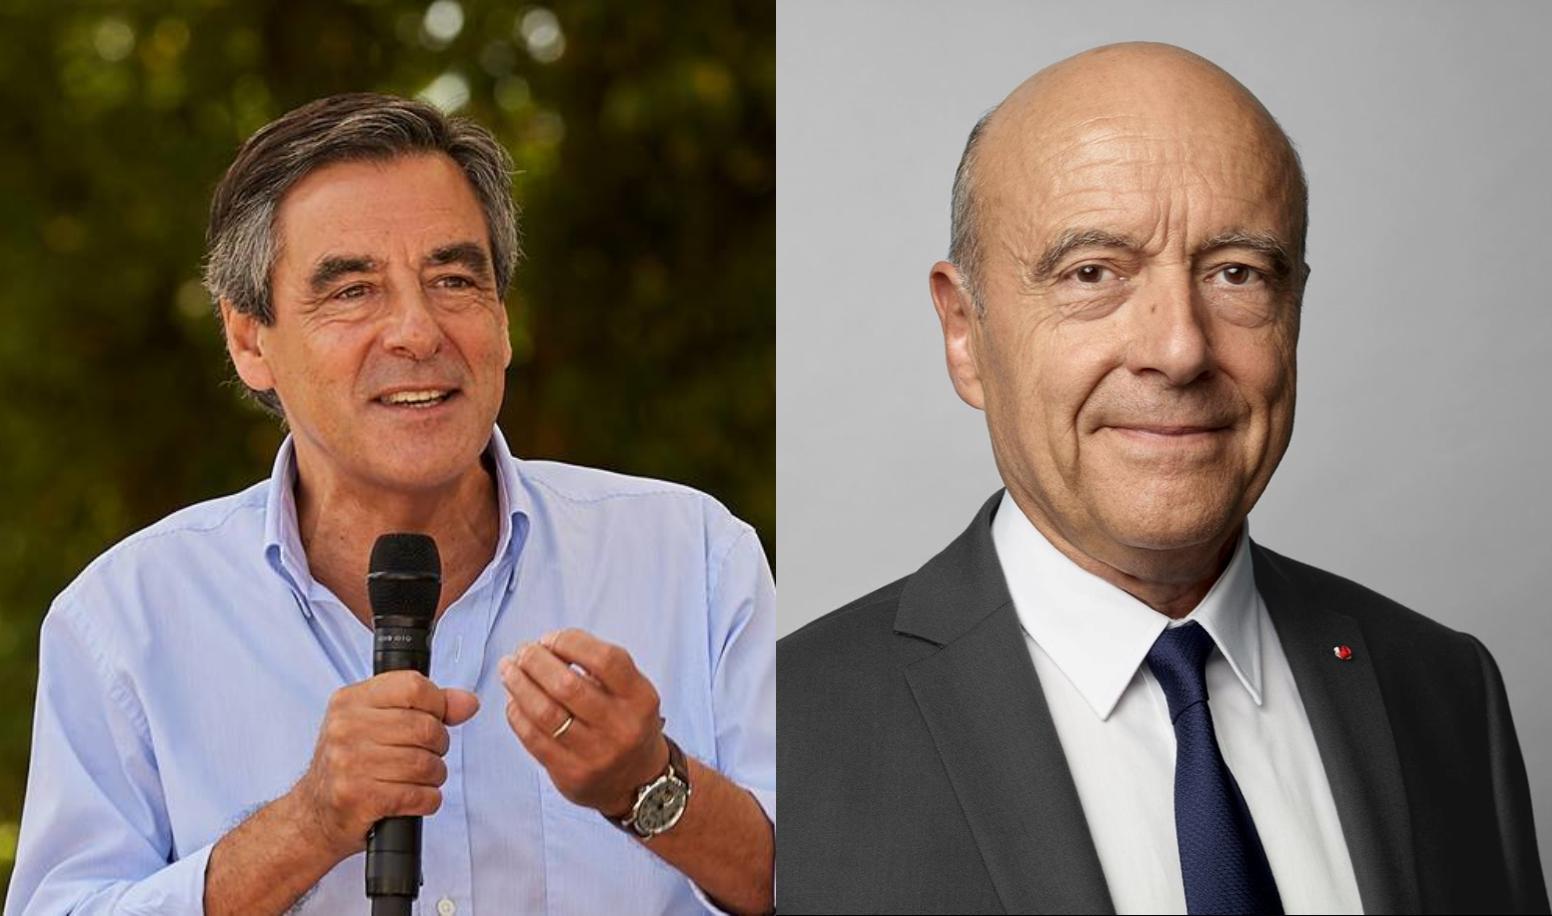 François Fillon déjoue les sondages et vire largement en tête de la primaire